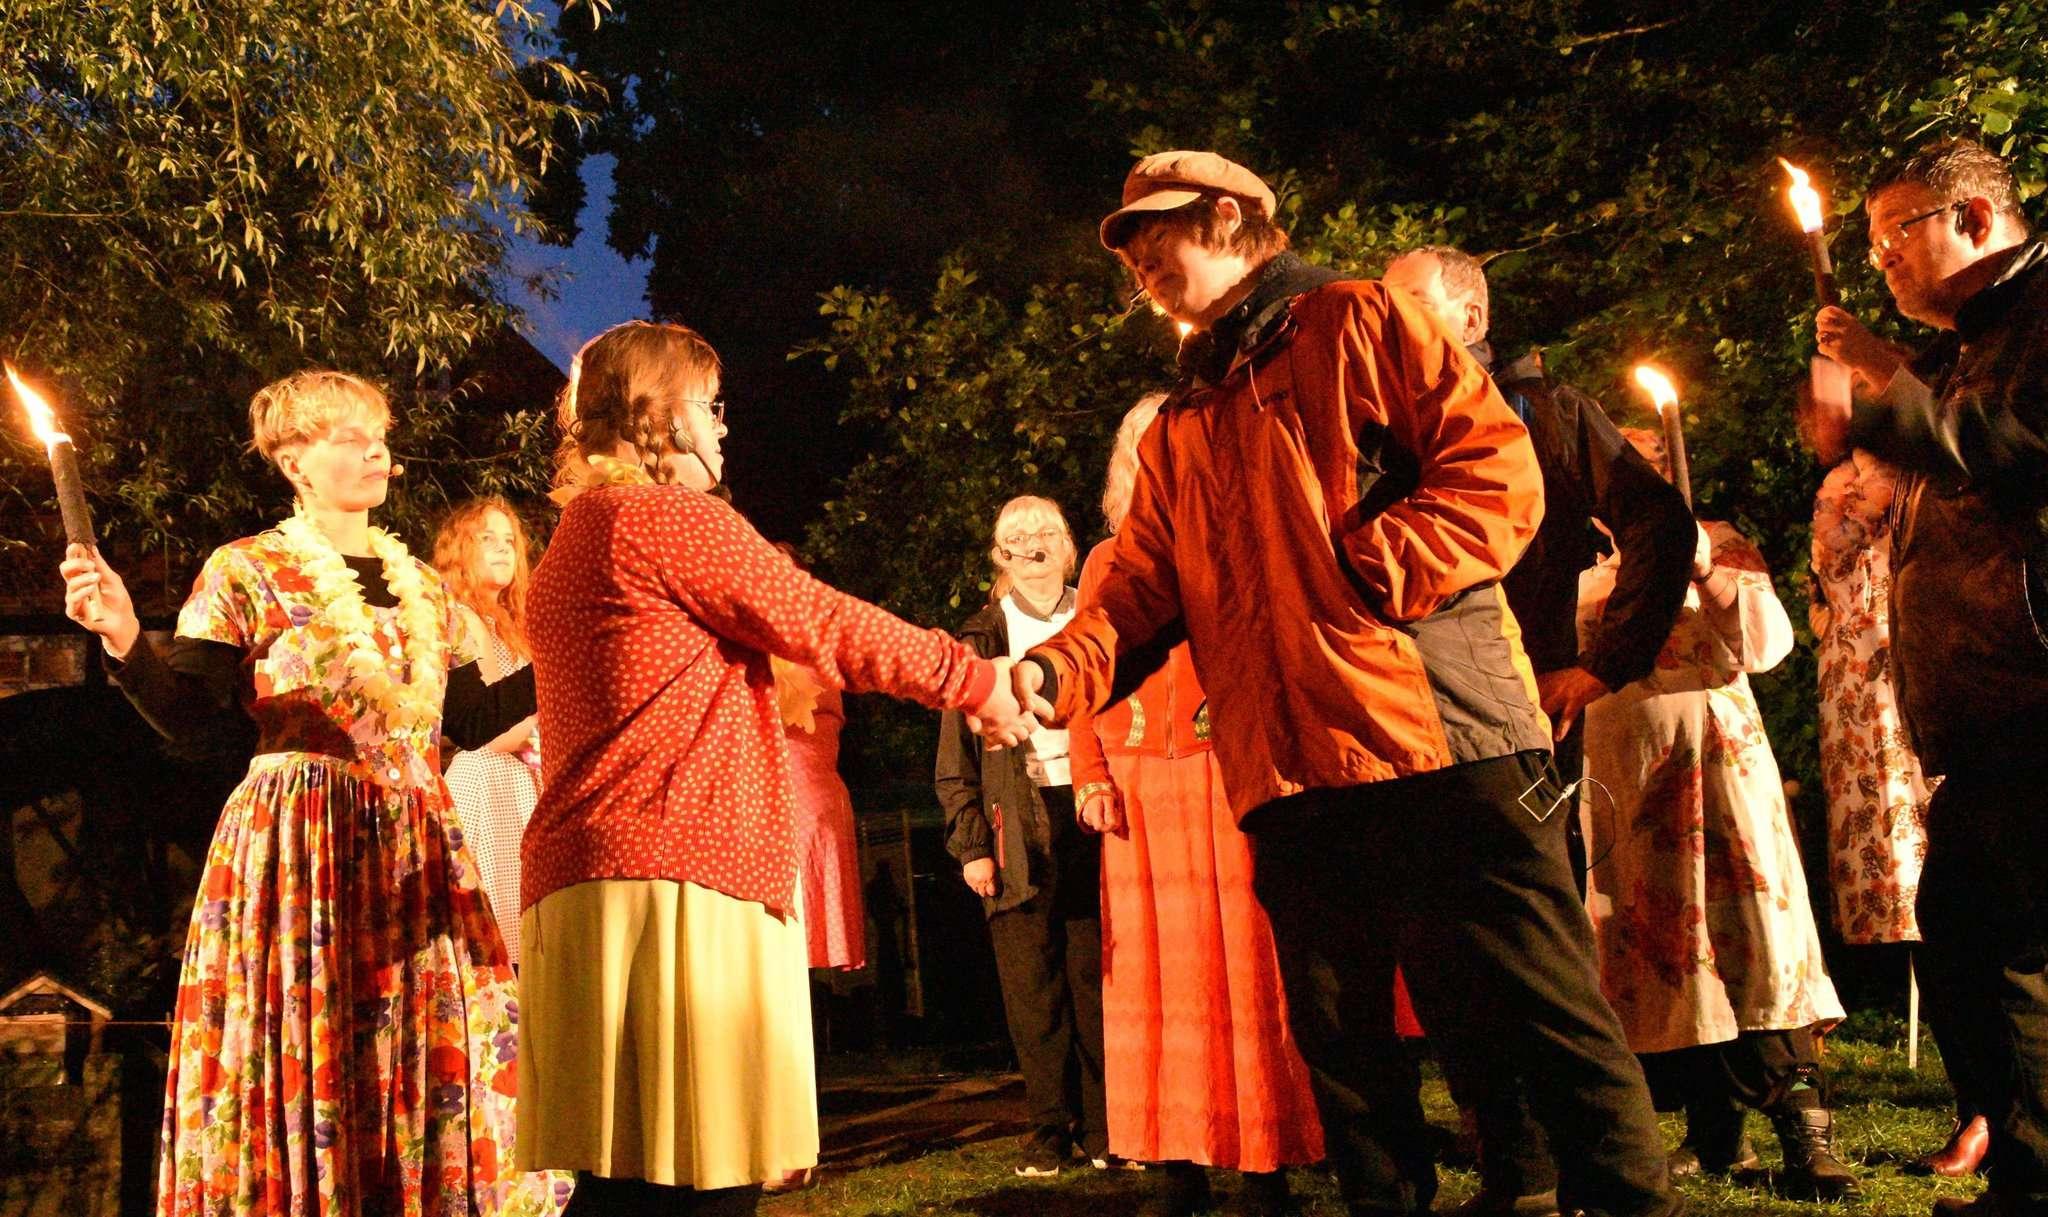 In der Osternacht verspricht Krabat (Jussi Deinas, vorne rechts) Kantorka (Rena Huthmann, vorne rechts) ein Wiedersehen in der Silvesternacht - eine Verabredung mit Folgen.